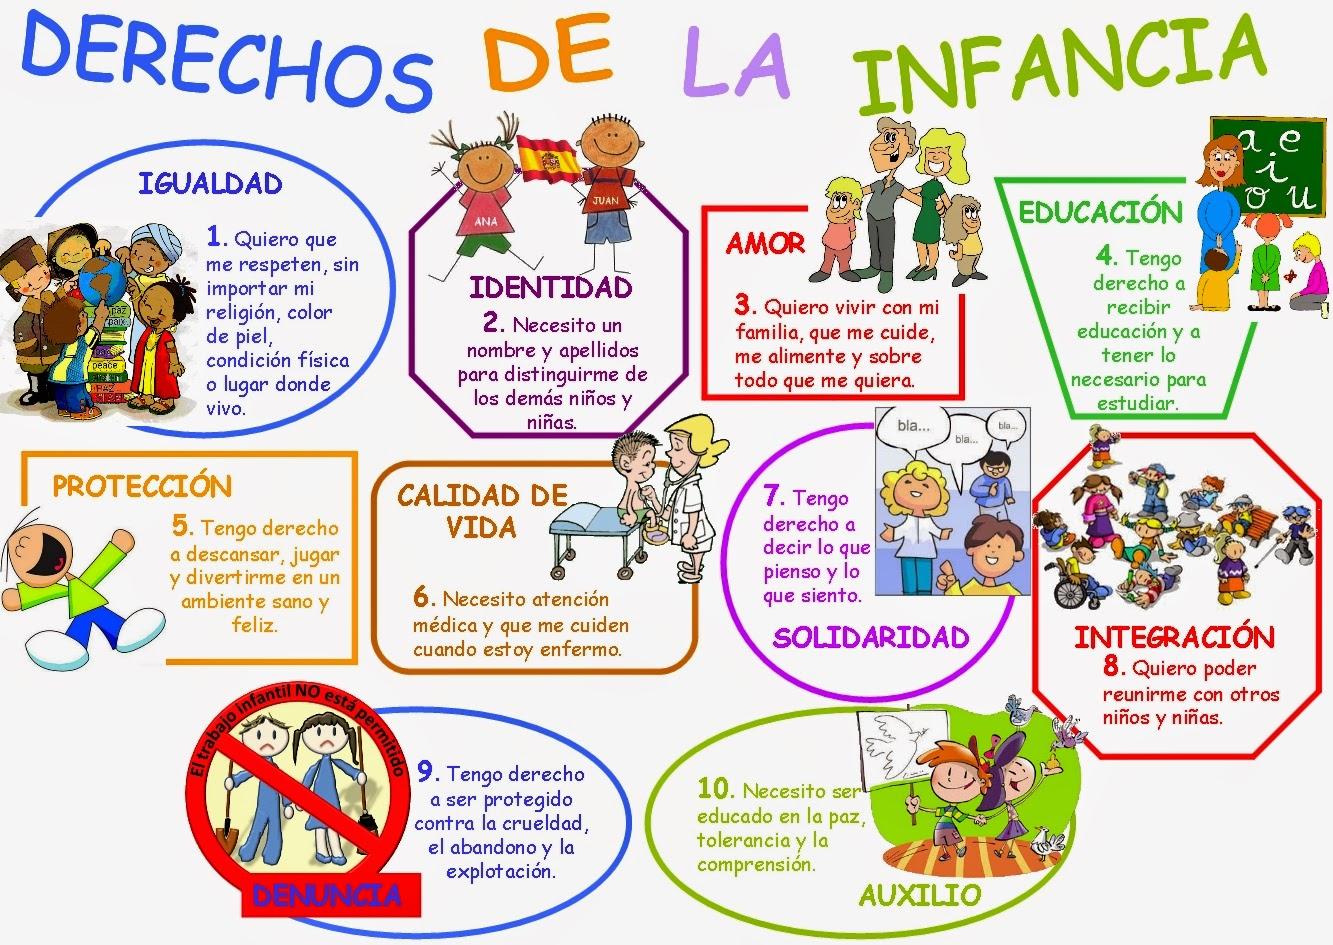 25º aniversario de la Convención sobre los Derechos del Niño